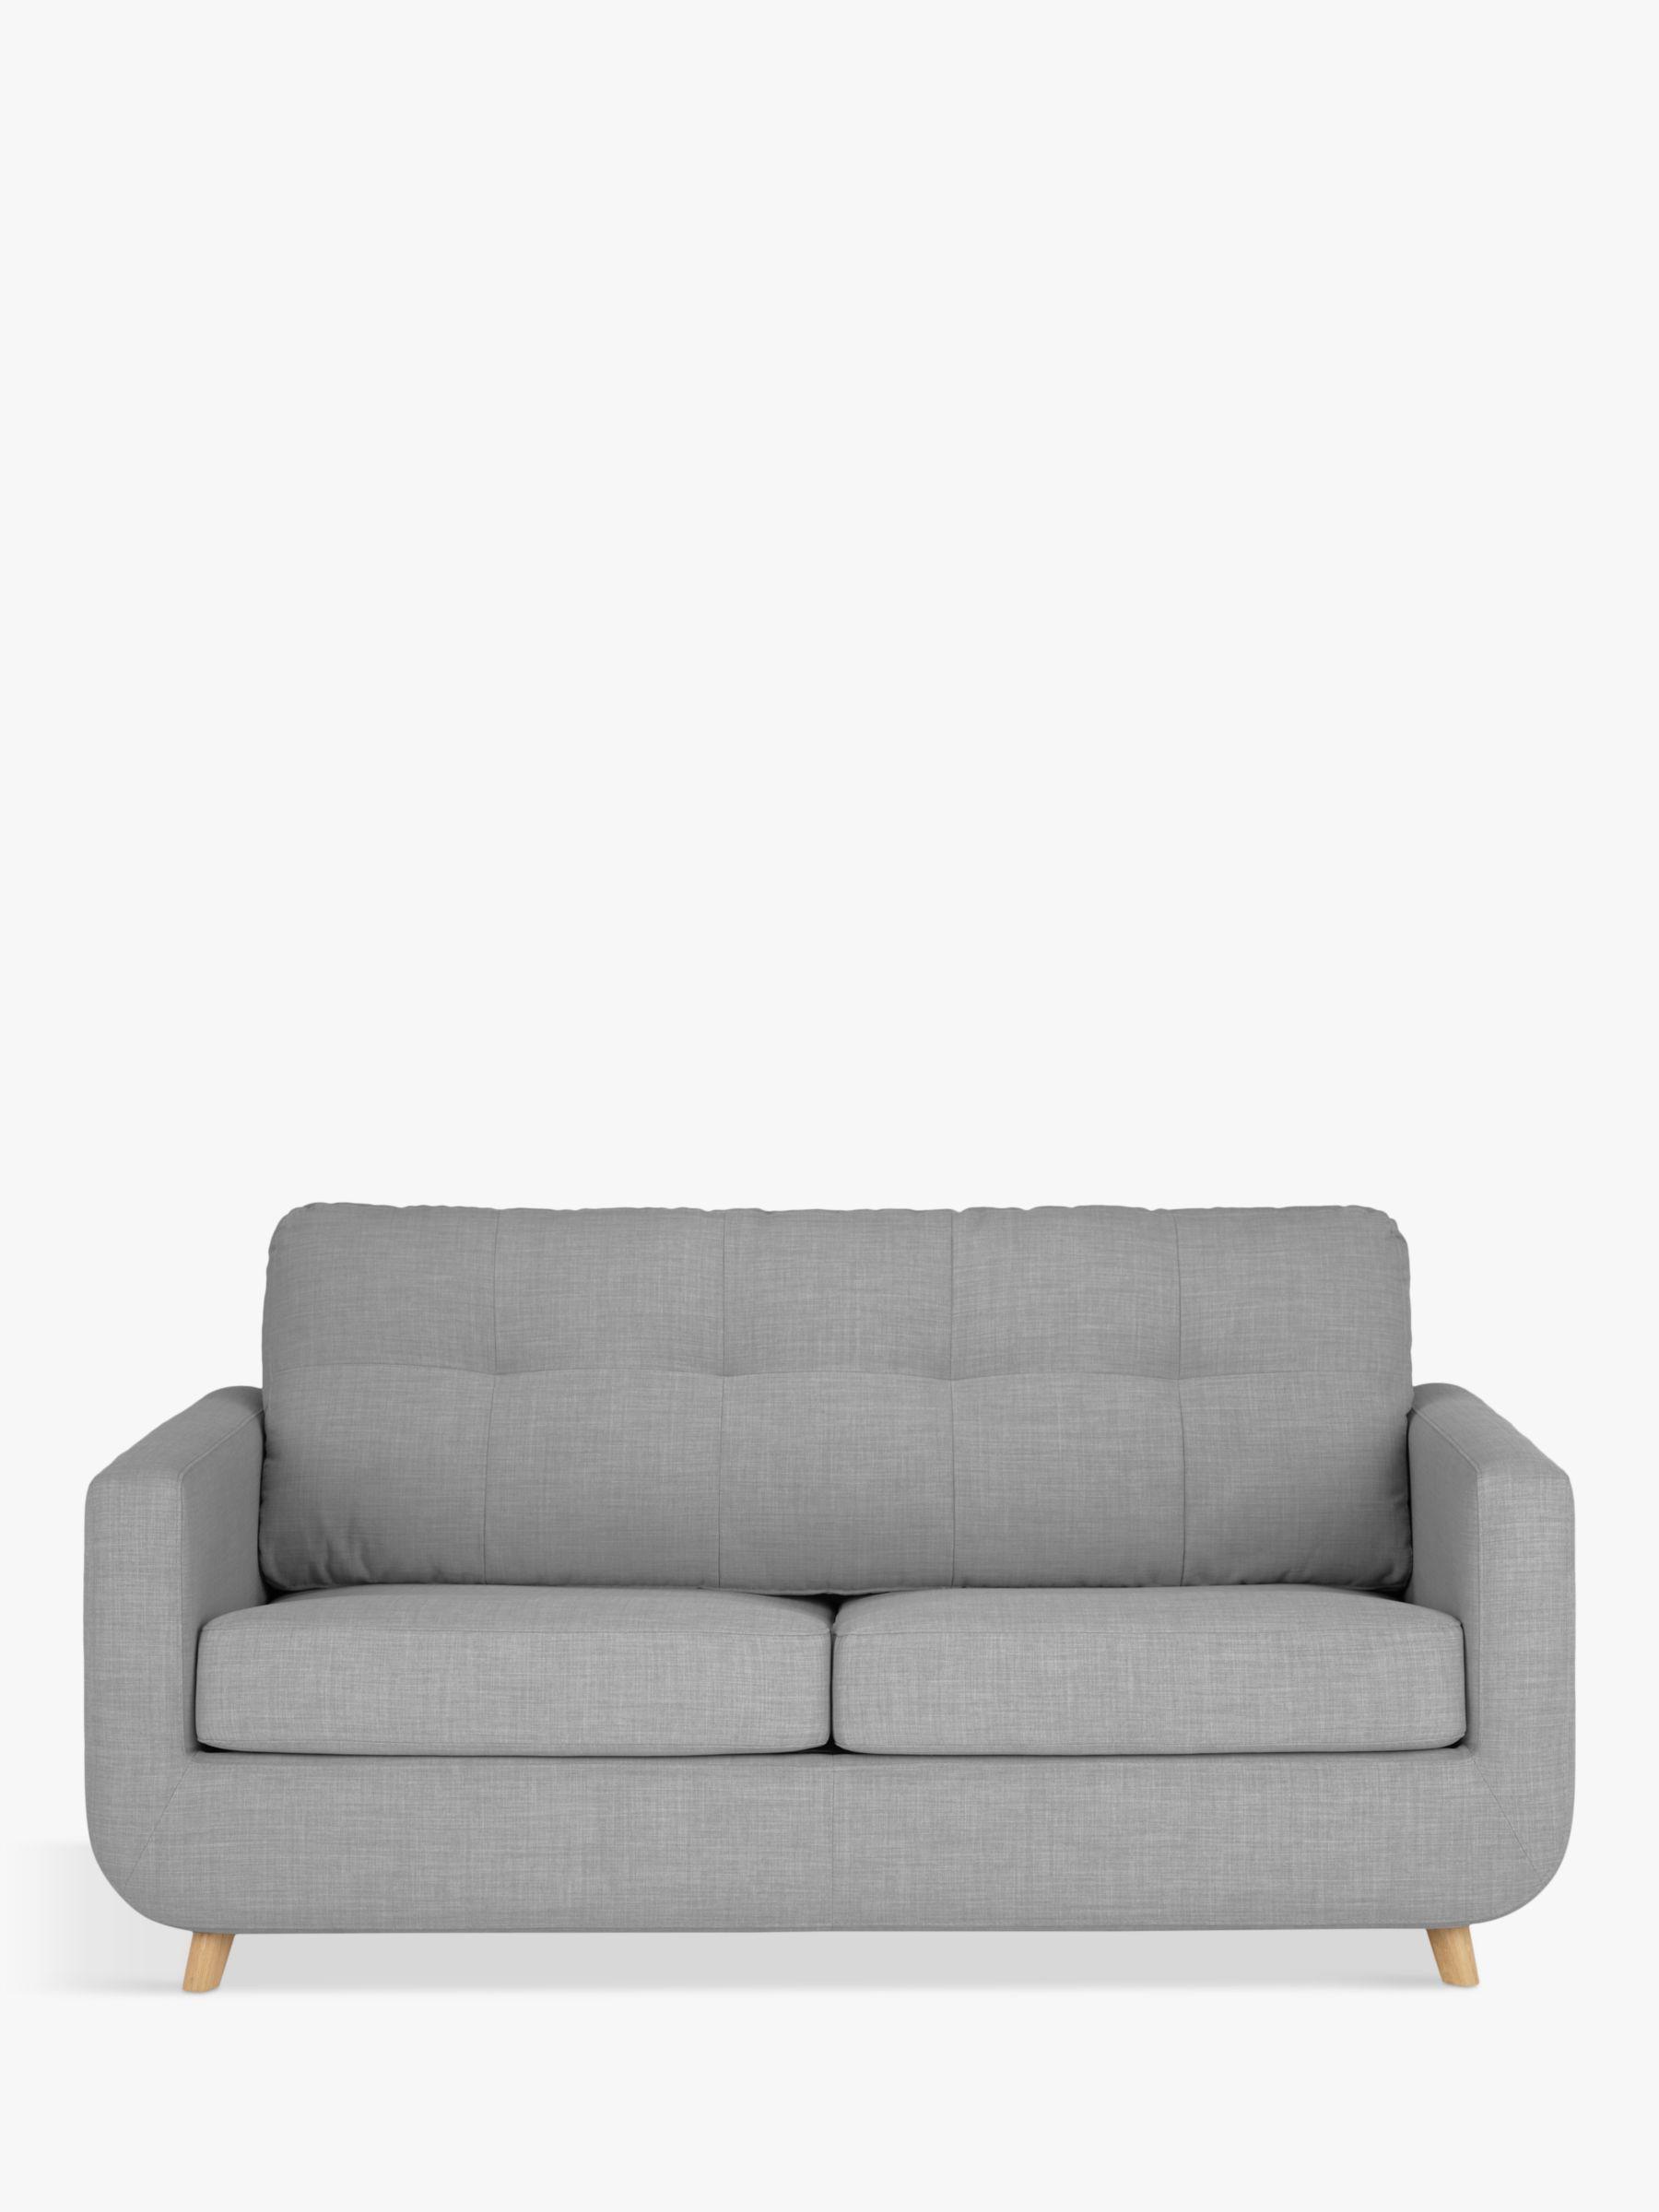 sofa bed world uk modular pieces beds settees john lewis partners barbican medium 2 seater